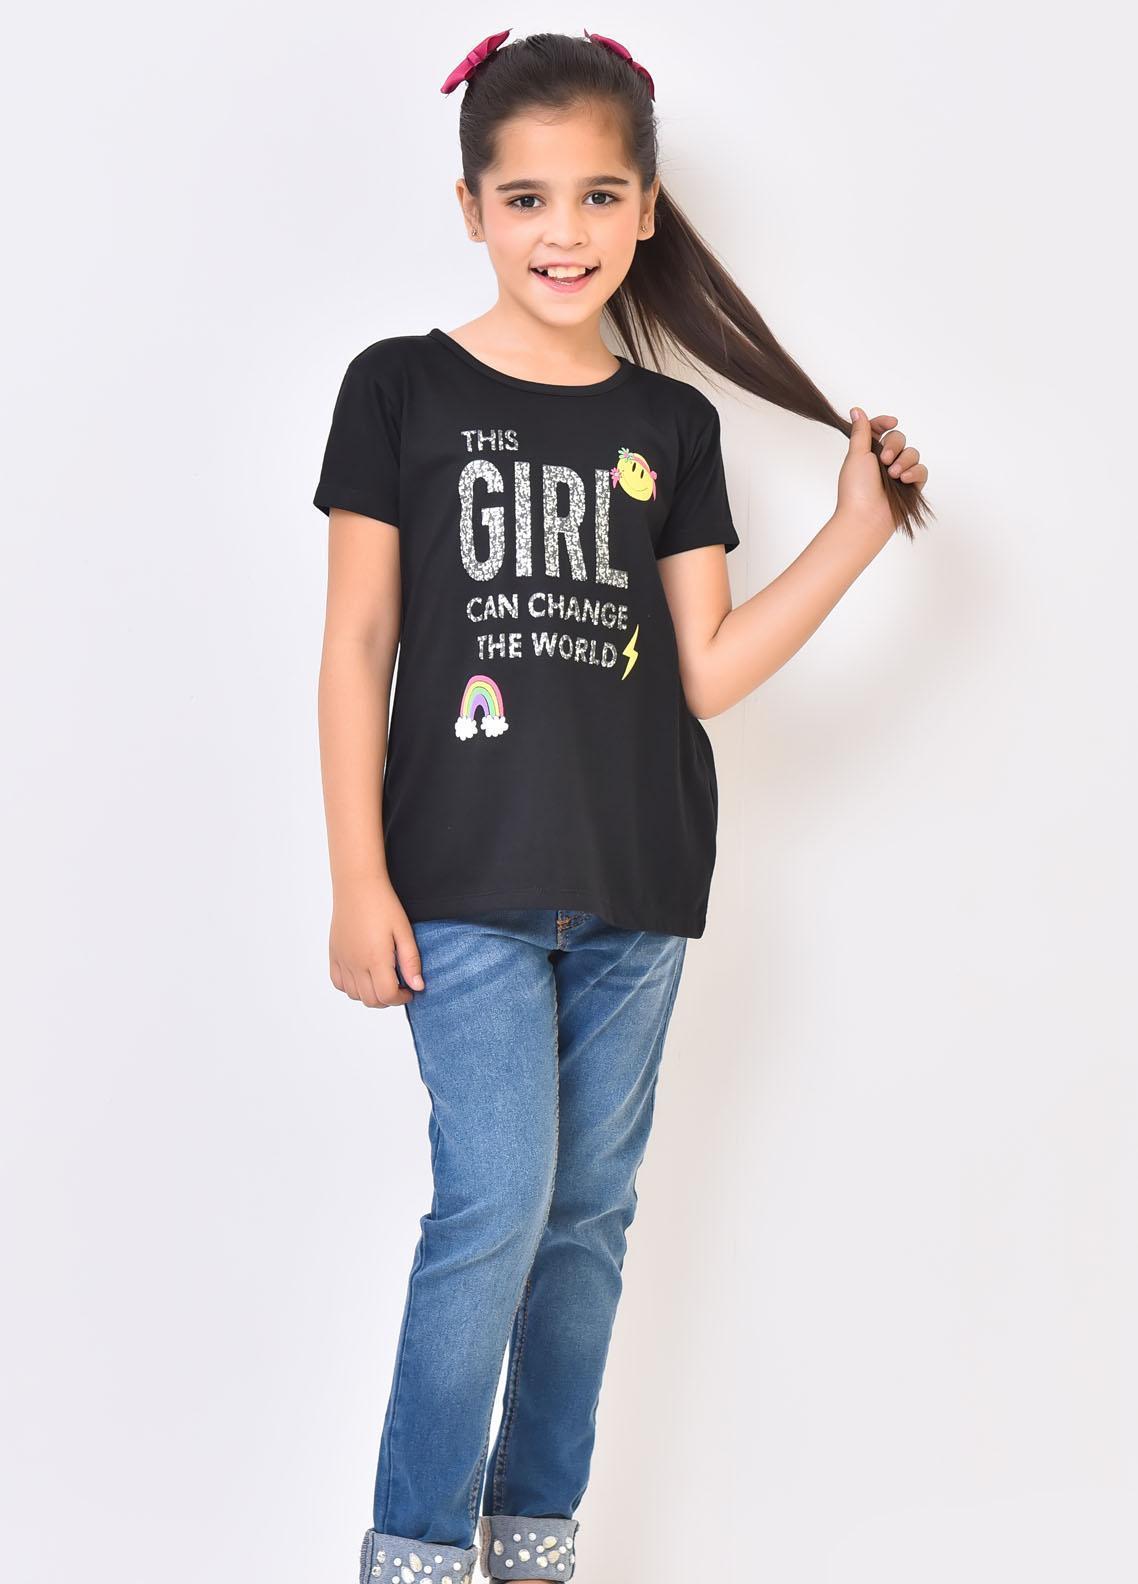 Ochre Cotton Fancy Top for Girls -  OGK-76 Black